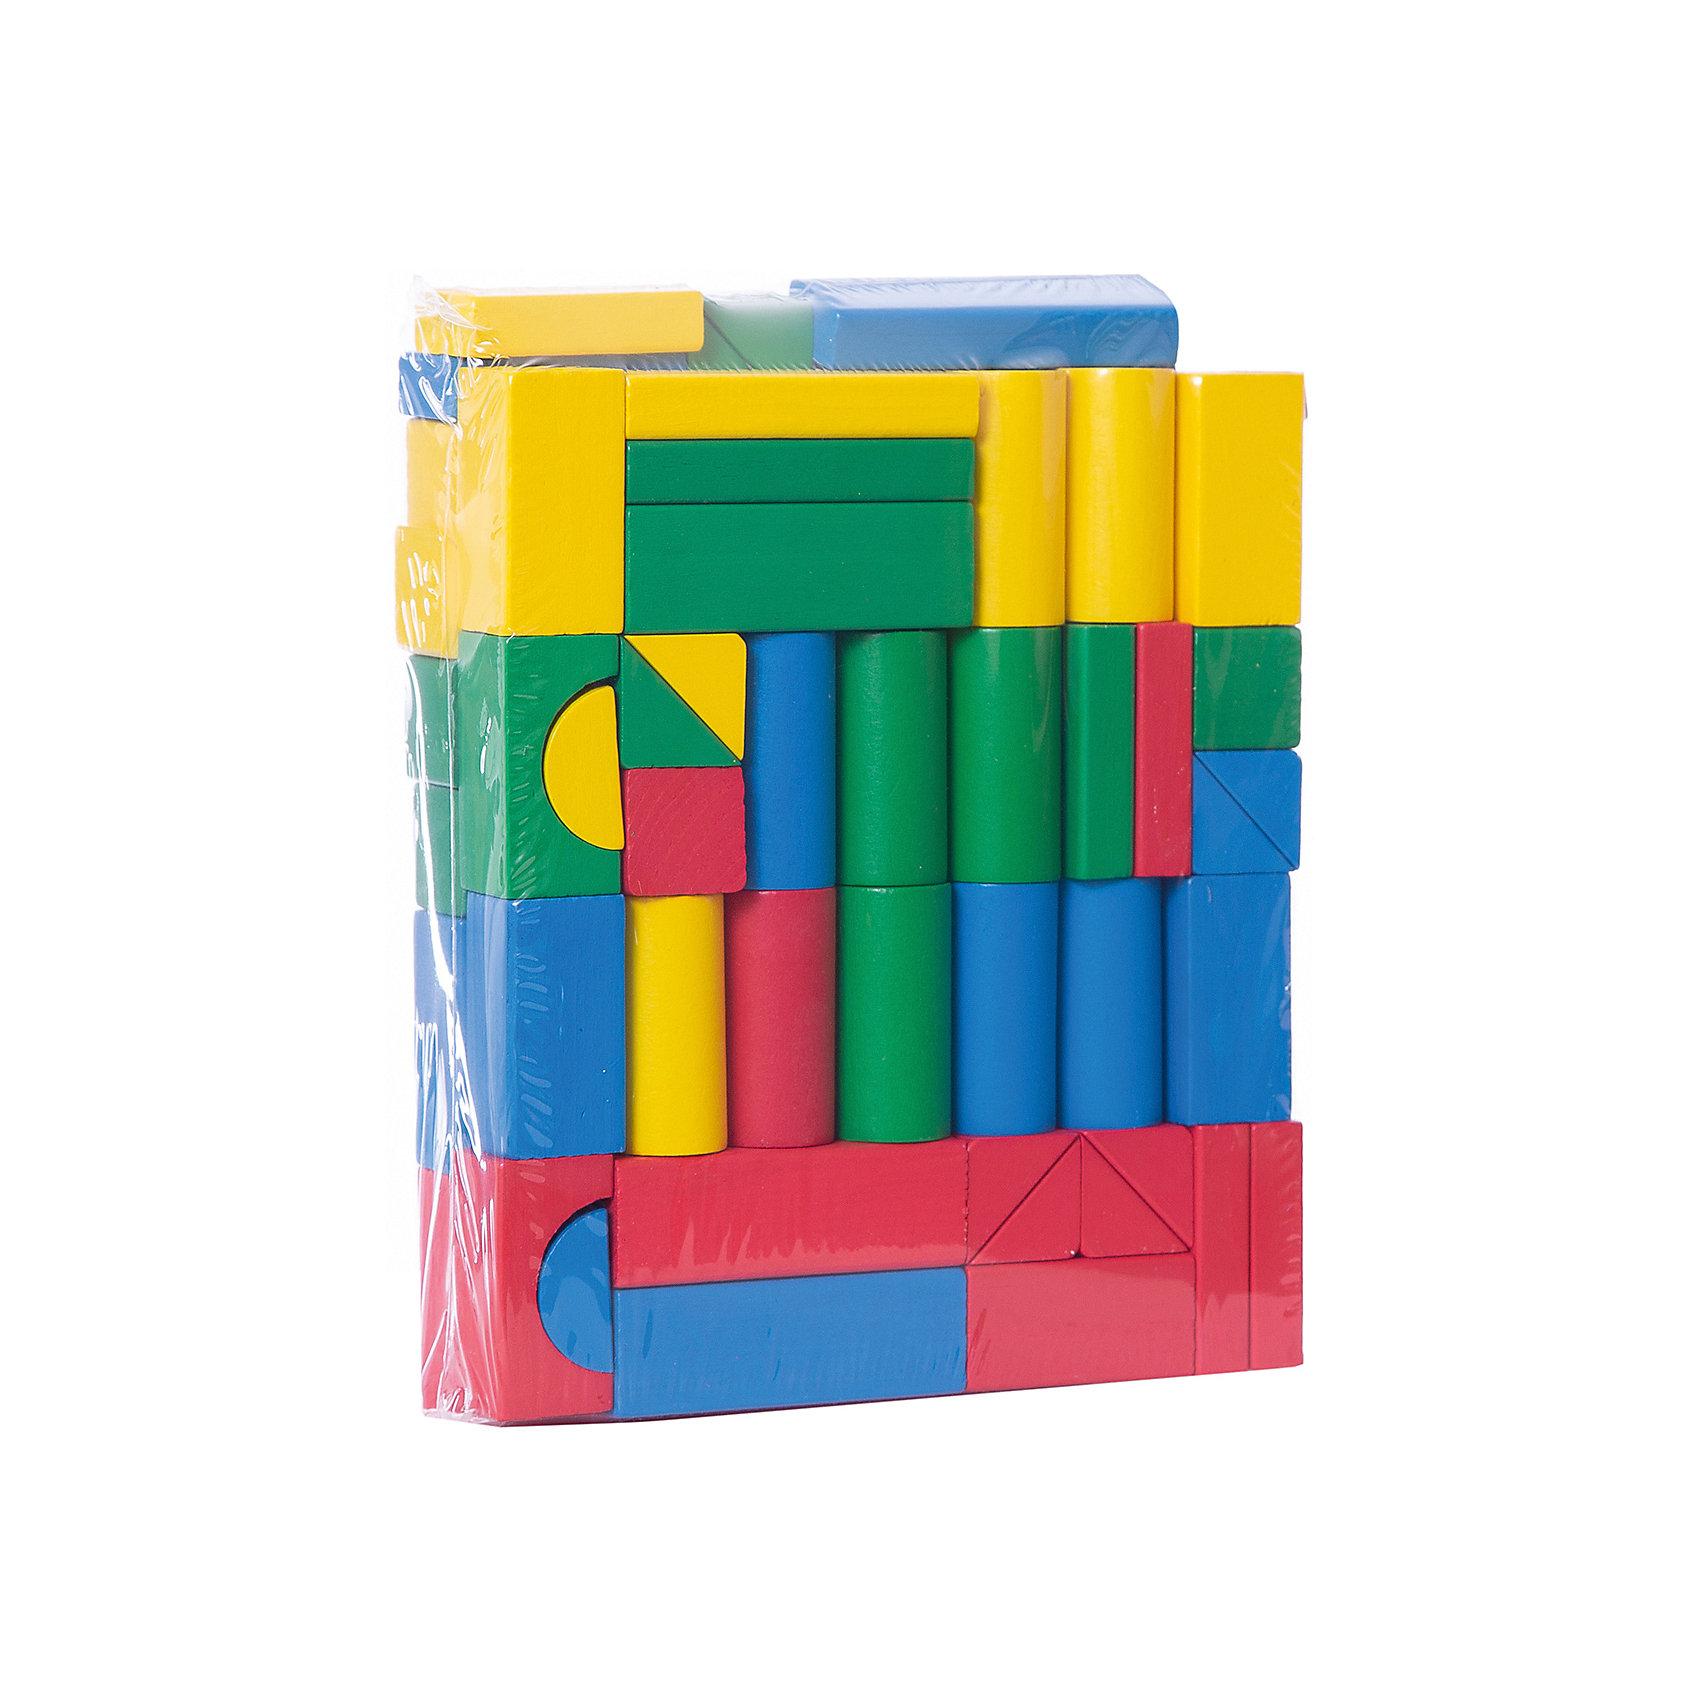 Деревянный конструктор, 100 дет., Melissa &amp; DougВсе дети обожают конструктор. Это игрушка на все времена - идеально подходит и для малыша, едва научившегося сидеть, и для самостоятельного школьника. Из конструктора можно построить все, что угодно! <br>Представляем Вам отличный набор цветных деревянных блоков от ведущего мирового производителя игрушек Melissa &amp; Doug. В наборе 100 деталей разной формы. Конструктор развивает мелкую моторику, пространственное мышление, логику, воображение, знакомит с цветами и геометрическими формами. Обладает следующими особенностями:<br>- экологически чистые материалы, приятные на ощупь, безопасные красители;<br>- яркие цвета;<br>- все детали выполнены из дерева;<br>- 4 основных цвета, 9 разных форм;<br>- удобная упаковка с ручкой.<br>Замечательный набор не оставит равнодушными ни детей, ни взрослых!<br><br>Дополнительная информация:<br>- вес упаковки: 1744 гр;<br>- габариты упаковки: 350х230х100 мм;<br>- рекомендуемый возраст: от 6 месяцев при участии взрослых;<br>- состав: дерево.<br><br>Набор цветных блоков Melissa &amp; Doug можно купить в нашем магазине<br><br>Ширина мм: 350<br>Глубина мм: 230<br>Высота мм: 100<br>Вес г: 1744<br>Возраст от месяцев: 36<br>Возраст до месяцев: 72<br>Пол: Унисекс<br>Возраст: Детский<br>SKU: 3927709